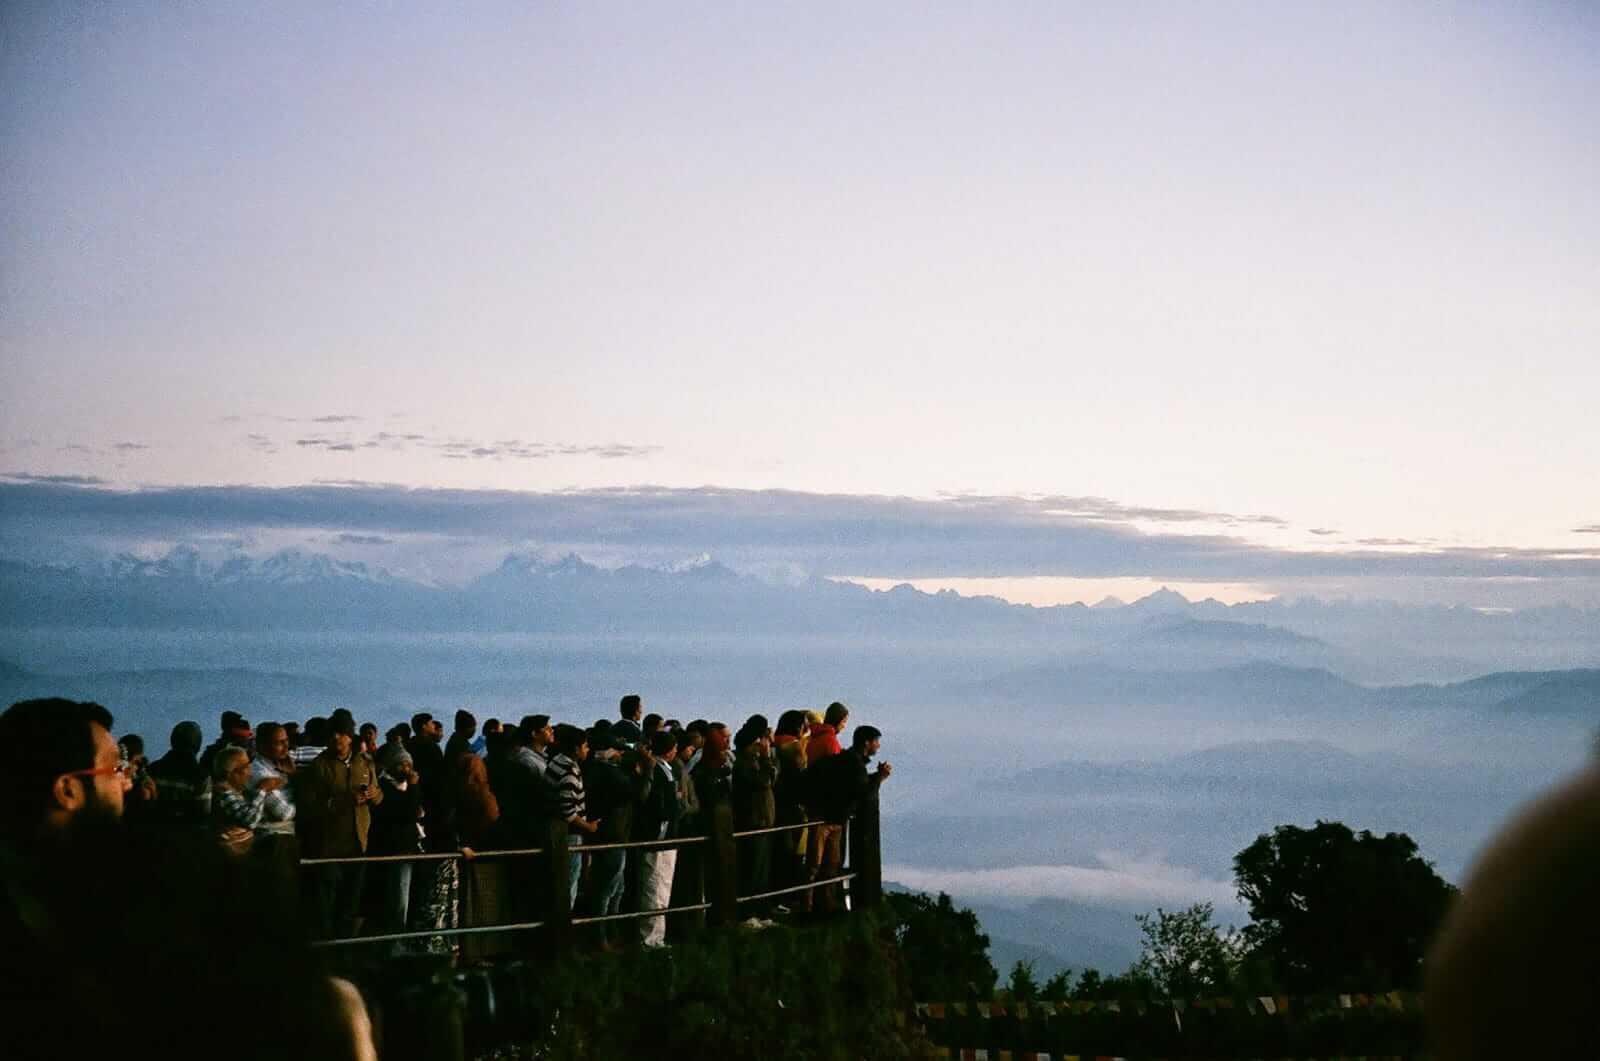 大吉嶺虎丘日出:一抬頭就能望見神蹟,應該是種幸福吧?